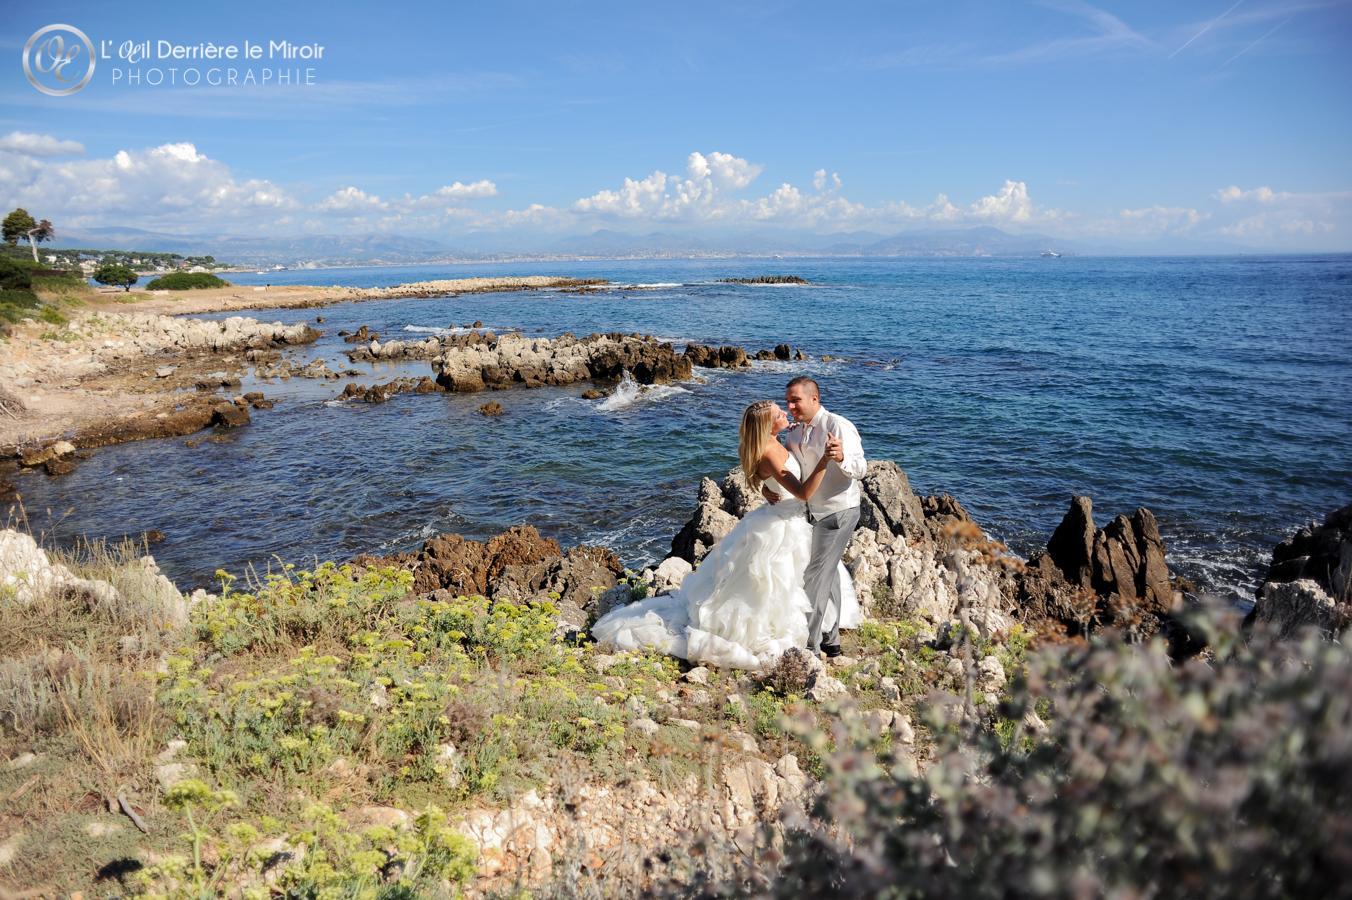 Photographe de mariage Cote d'Azur L'OEil Derrière le Miroir